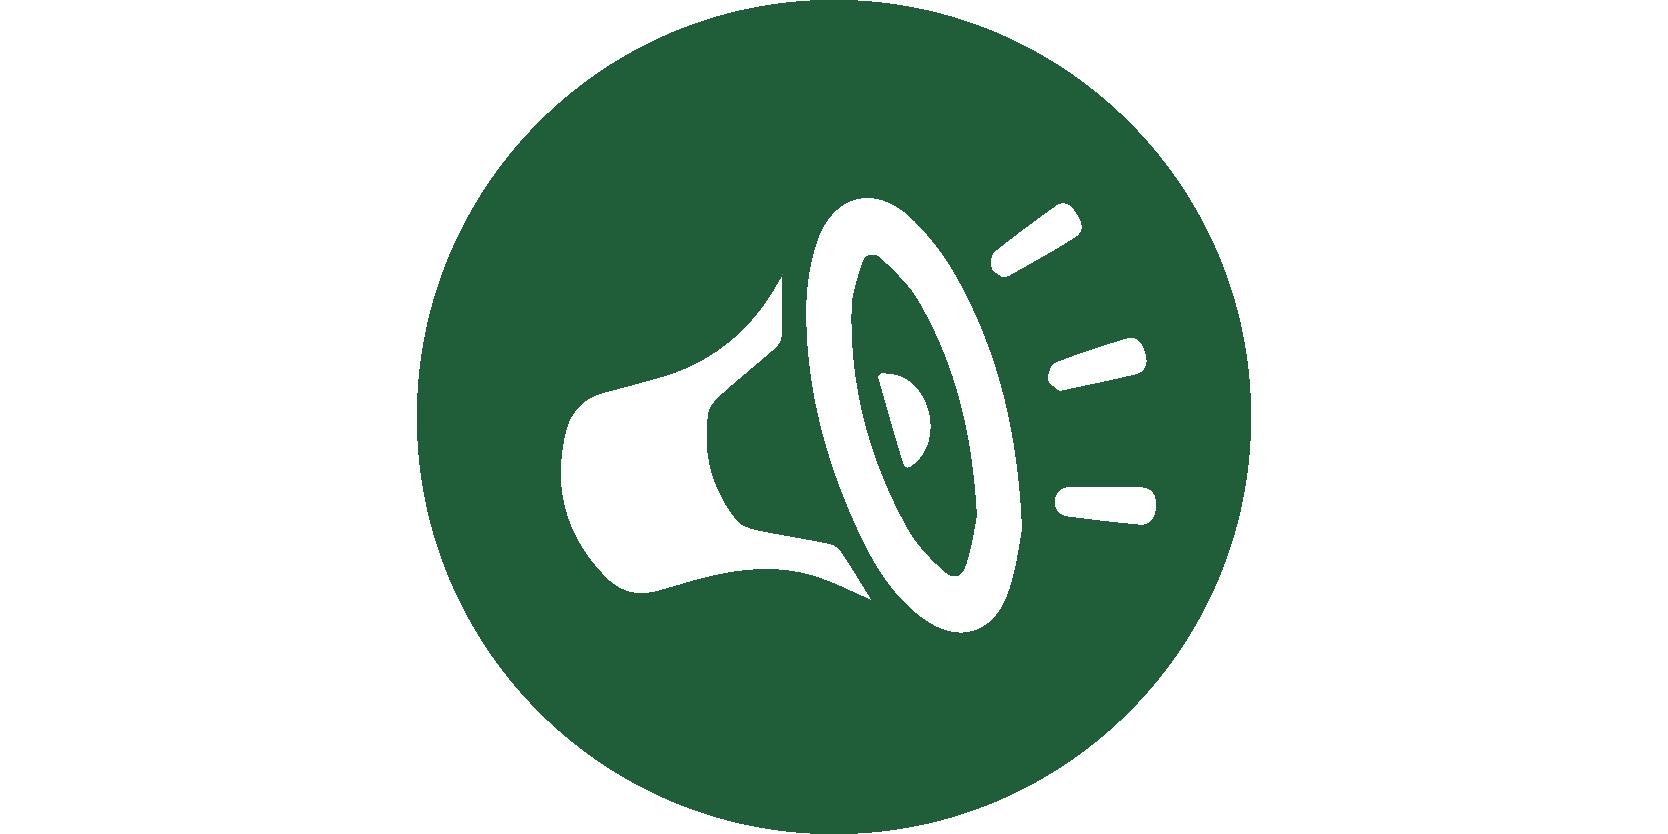 Search Advocate Role graphic